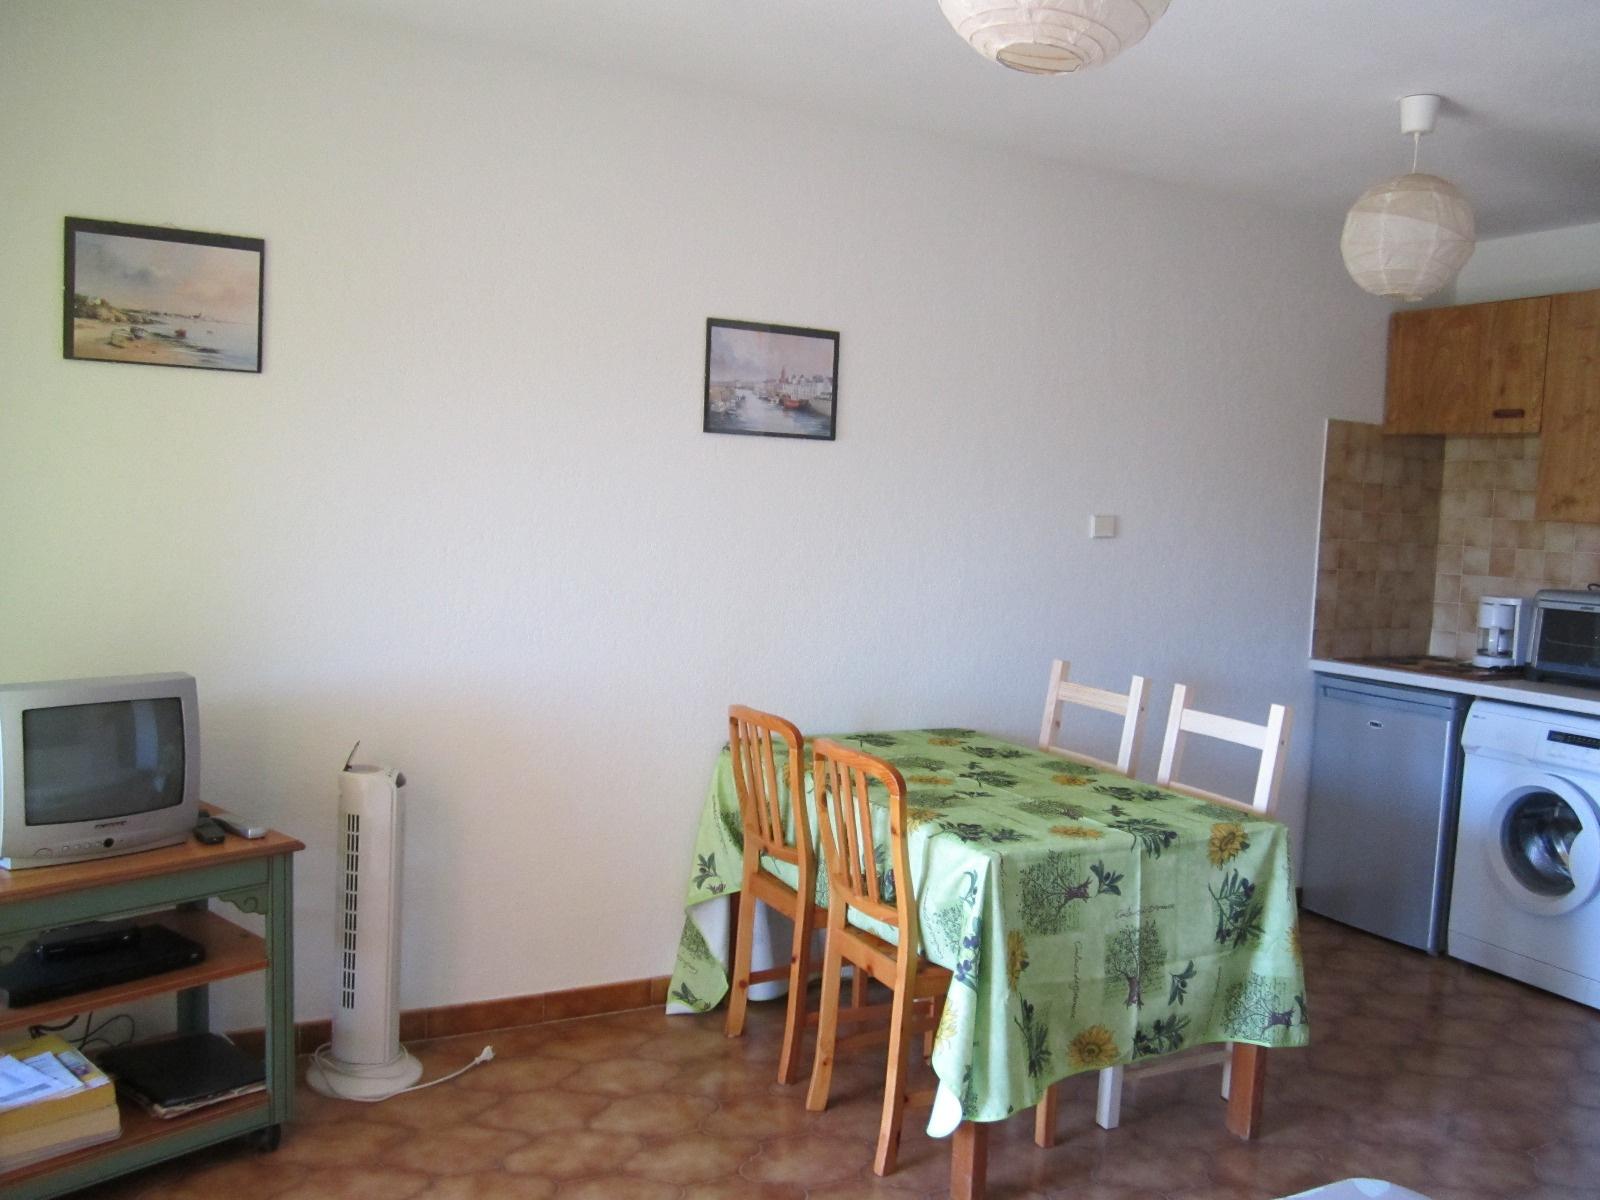 vente vente appartement 2 pi ces avec parking port d 39 hy res. Black Bedroom Furniture Sets. Home Design Ideas